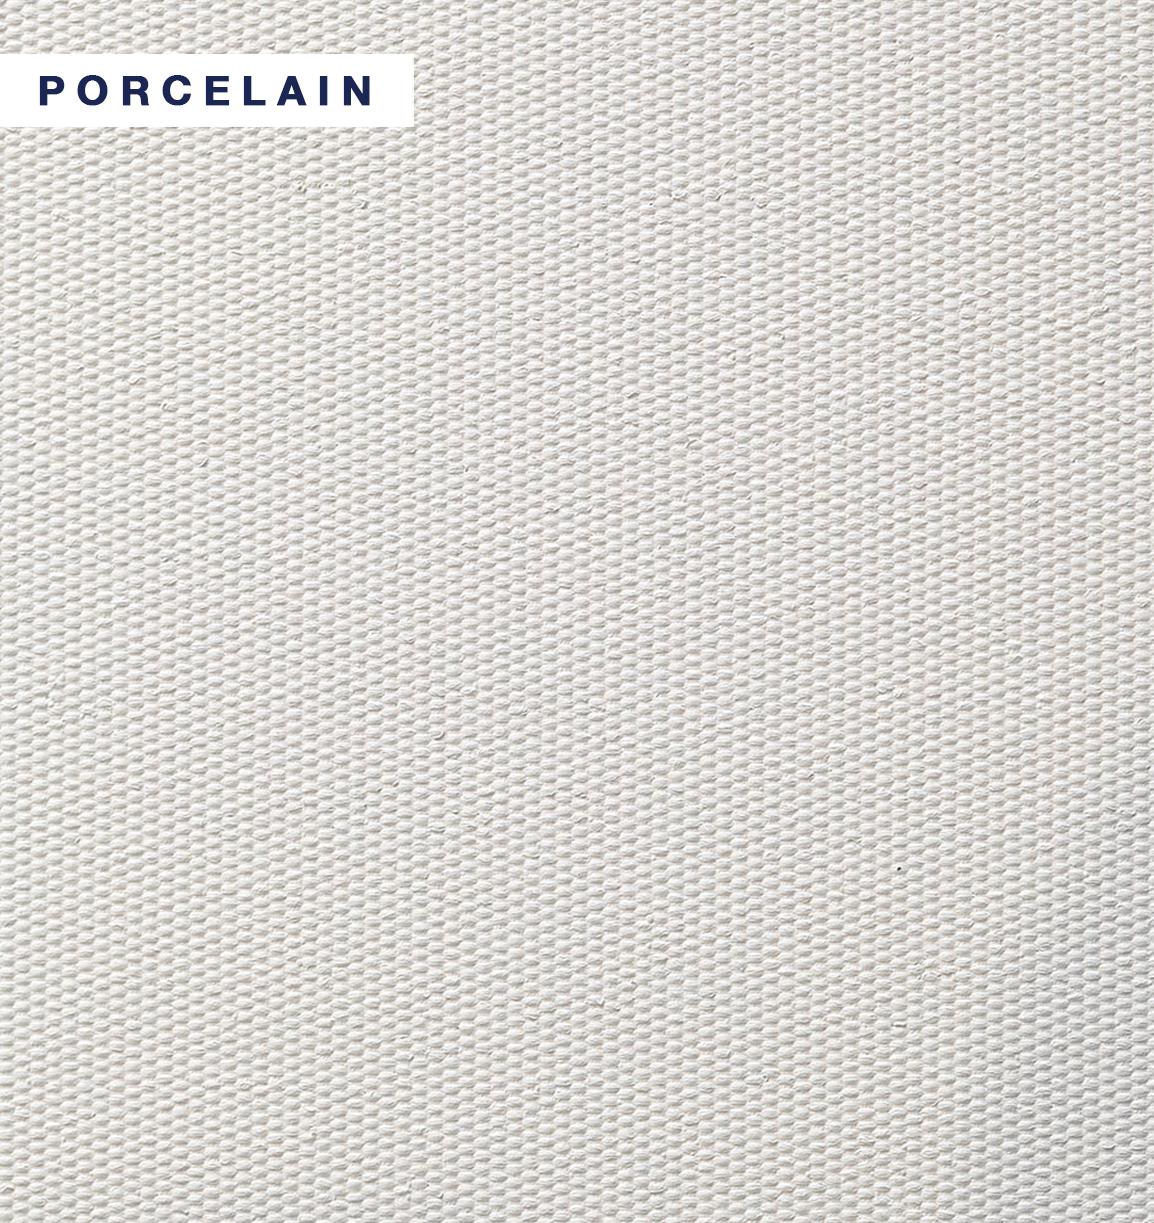 VIBE - Porcelain.jpg